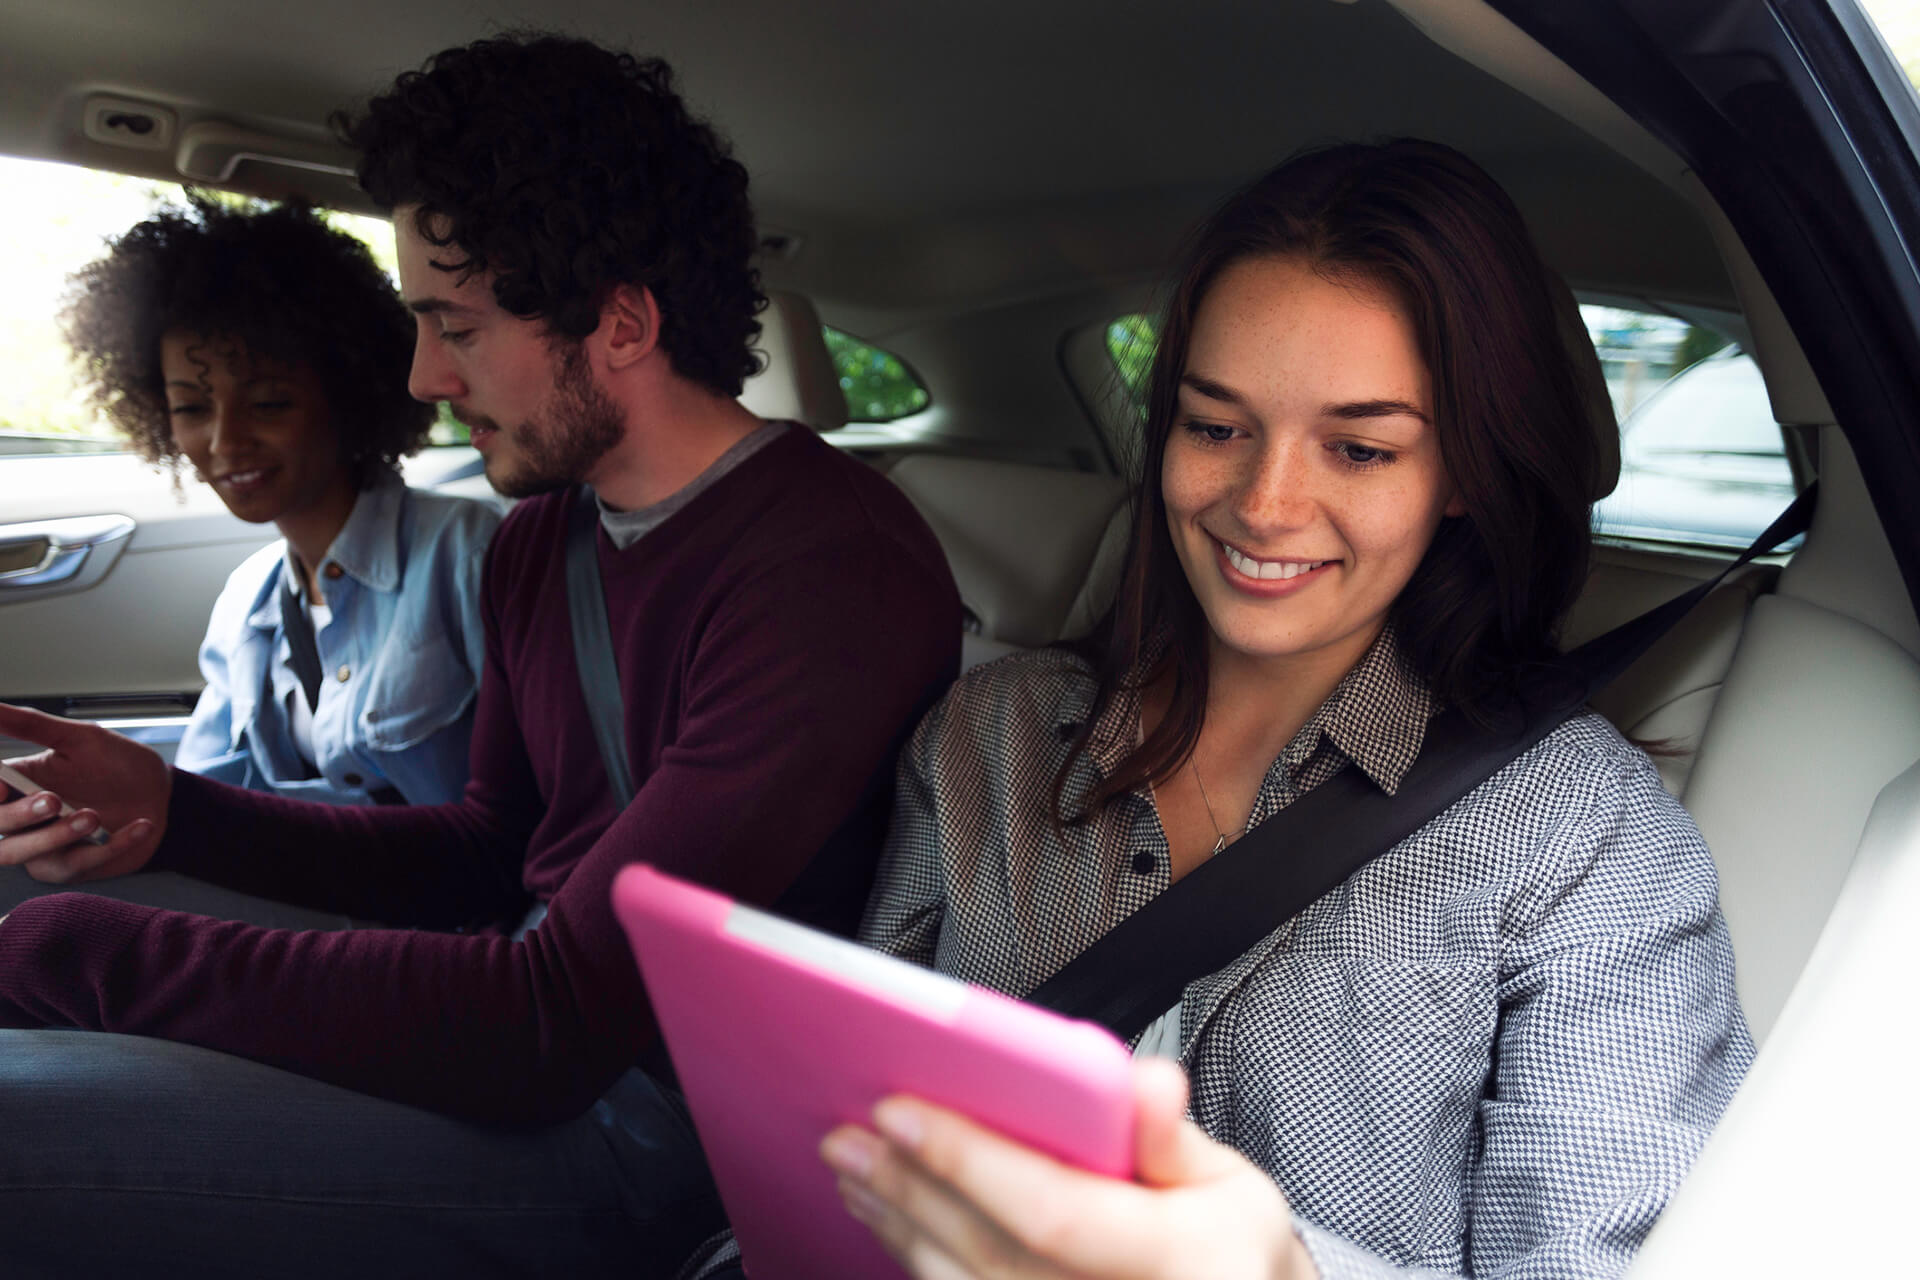 Aluguel de carros inovador pode mudar a mobilidade urbana